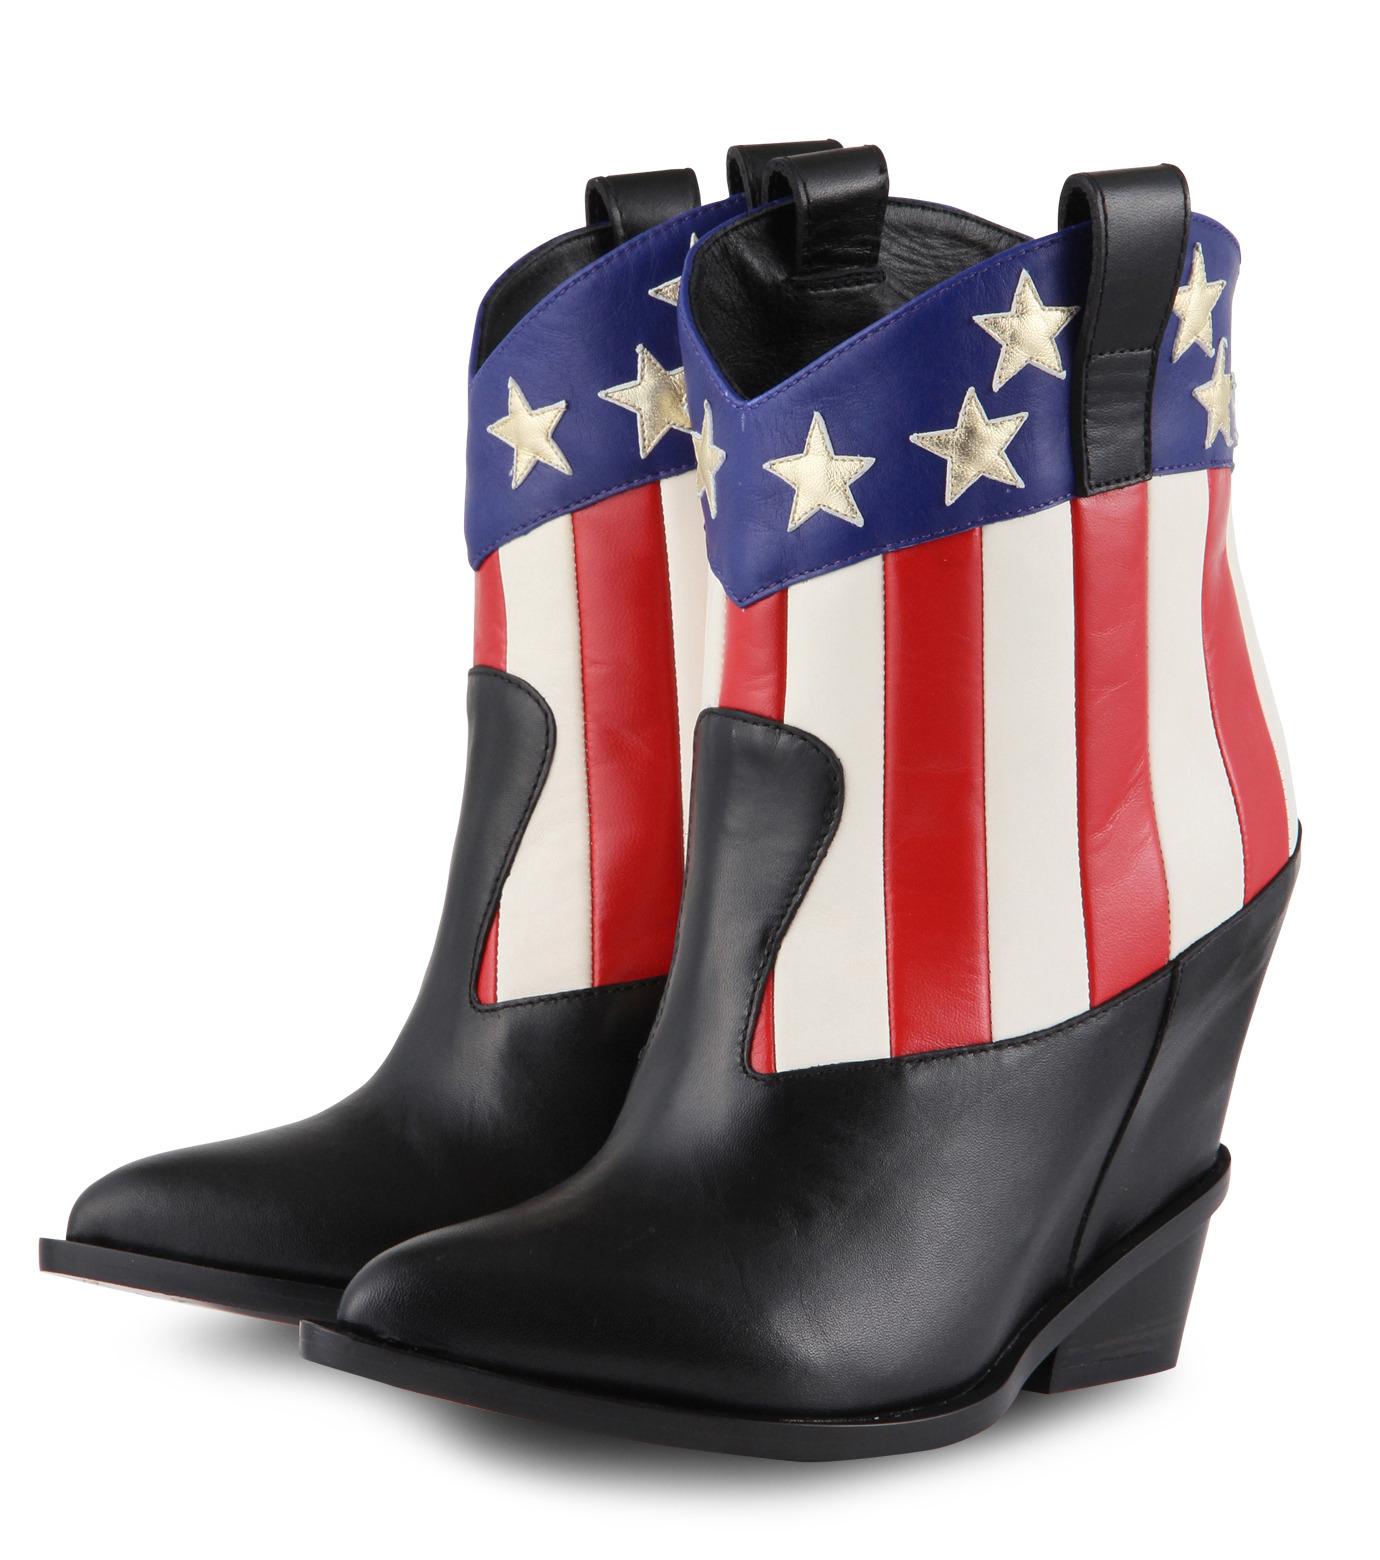 Giuseppe Zanotti Design(ジュゼッペザノッティ)のAmerican Flag Western Boots-MULTI COLOUR(ブーツ/boots)-E37042-9 拡大詳細画像3